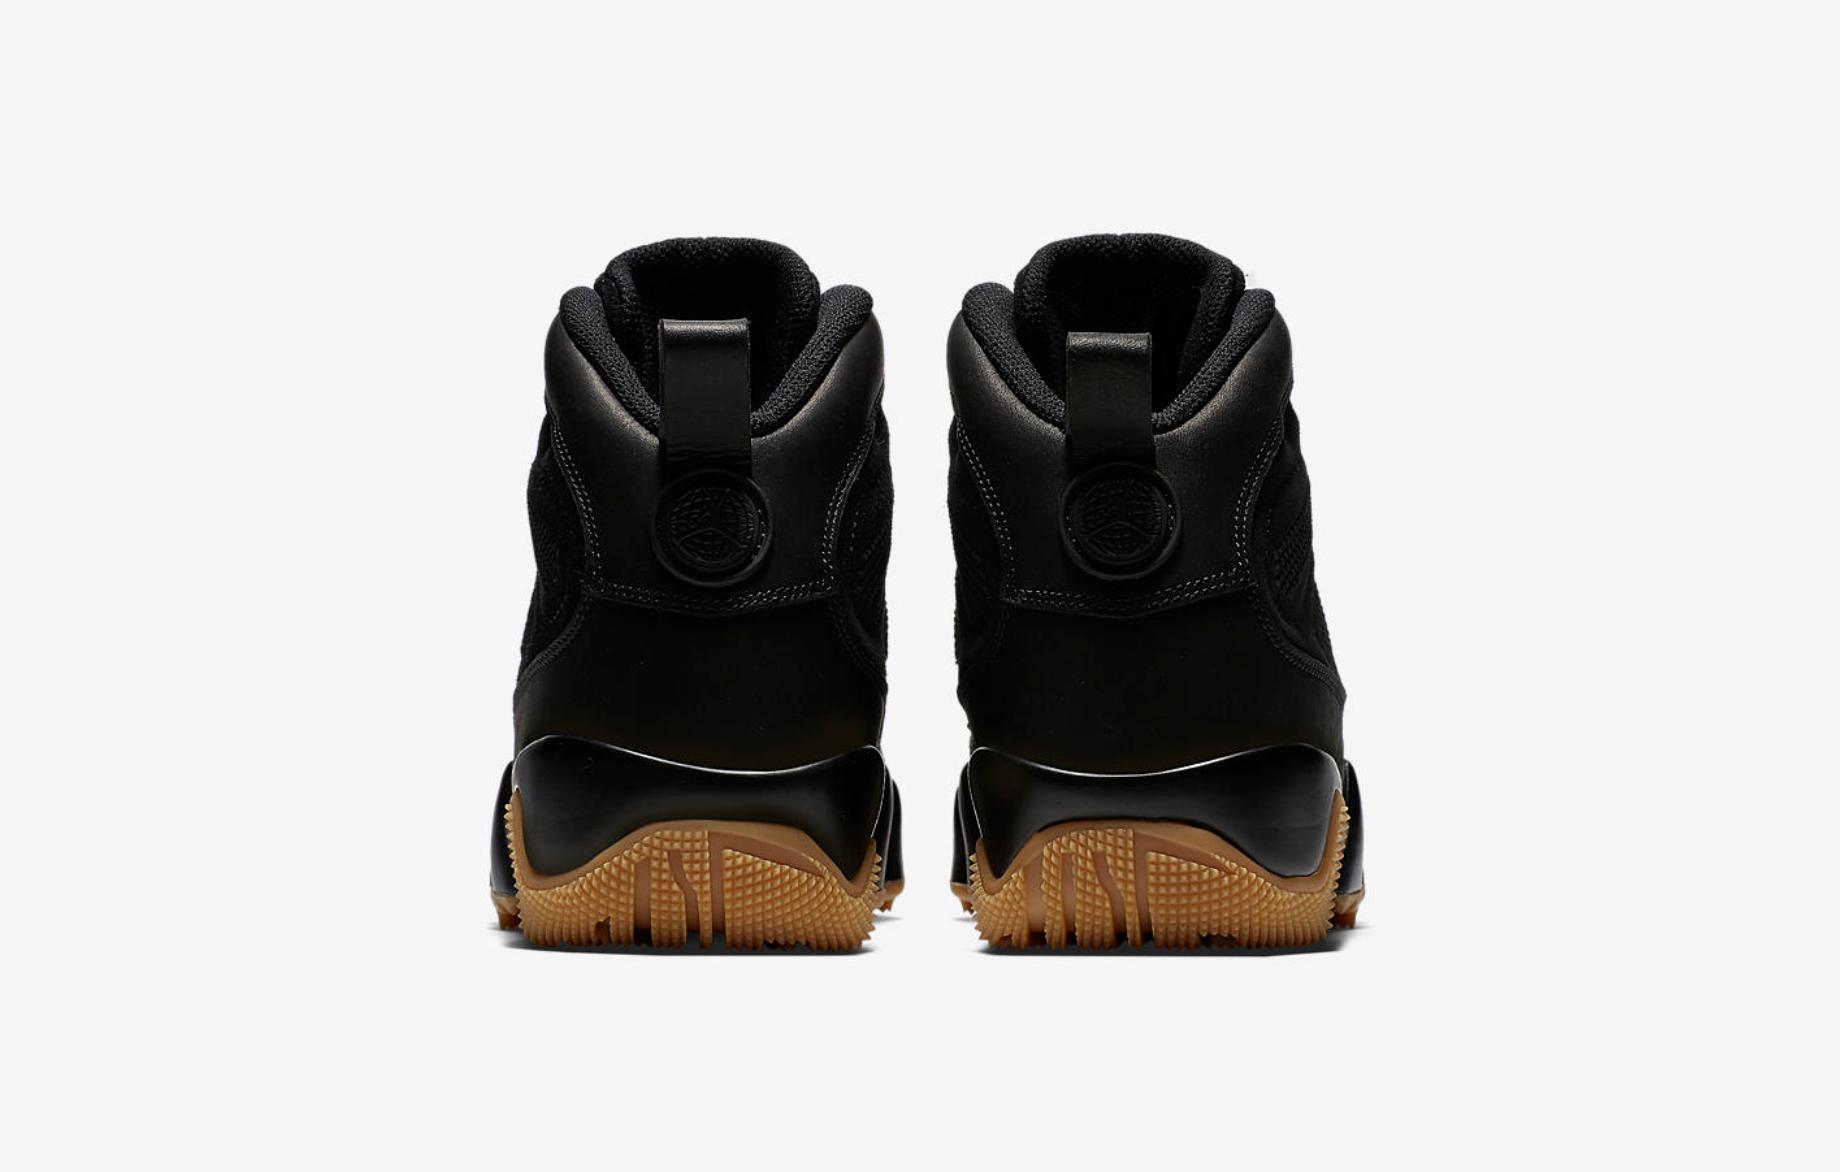 The Air Jordan 9 Boot NRG in Black/Gum